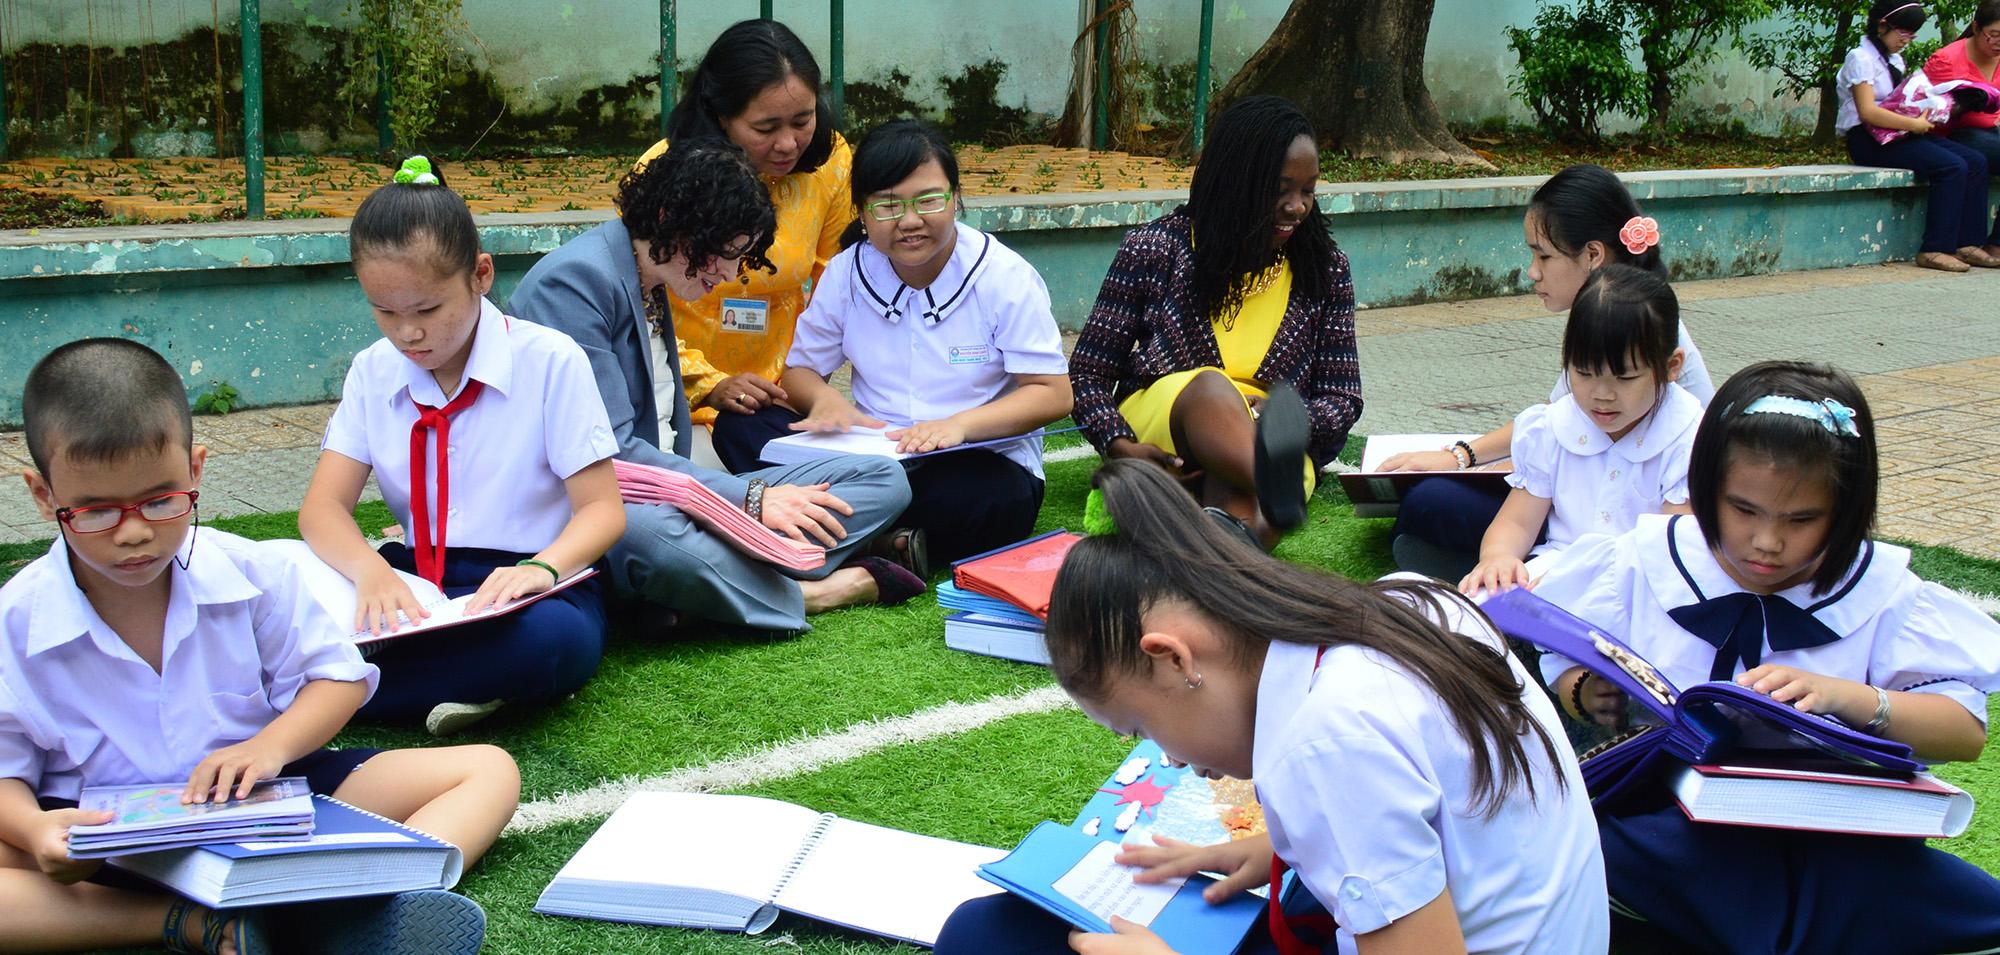 Tổng lãnh sự Rena Bitter đọc sách cùng với các em học sinh